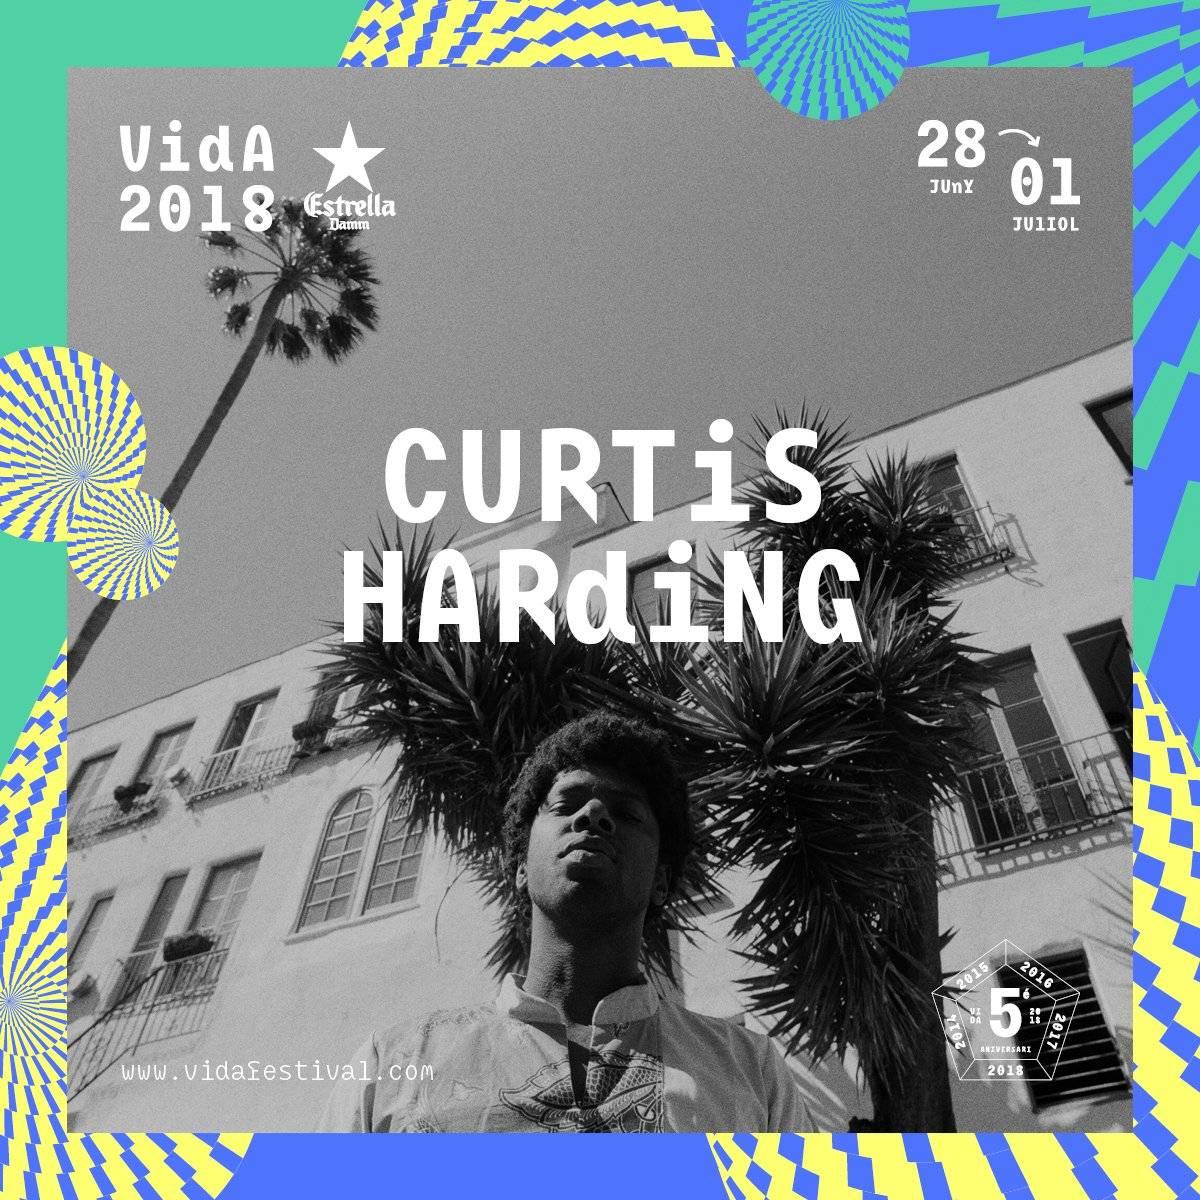 curtis harding vida festival